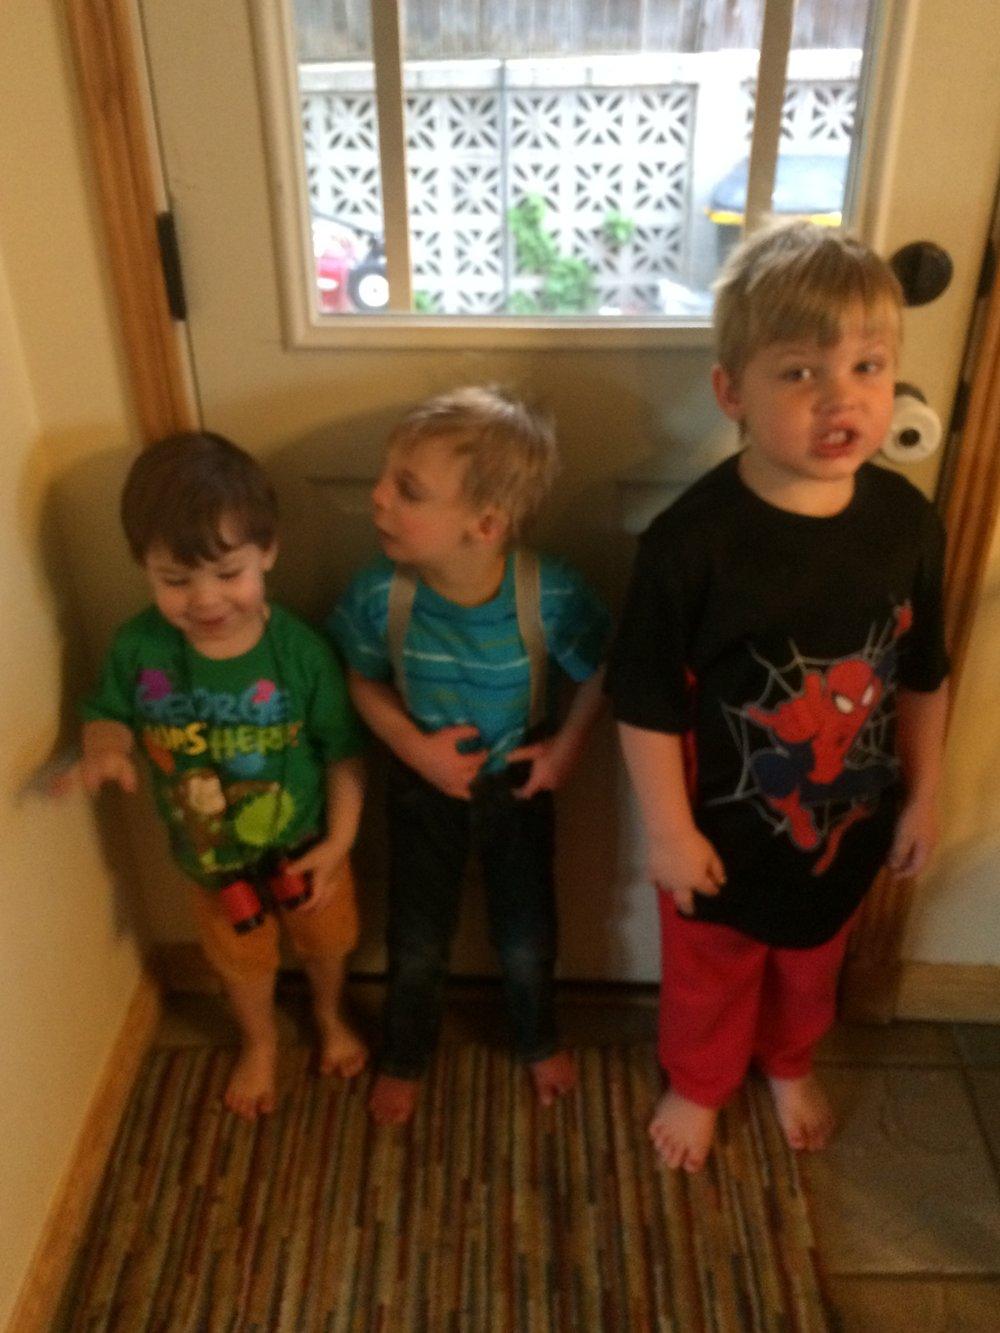 Everett, Atticus, and Damien, September 2016